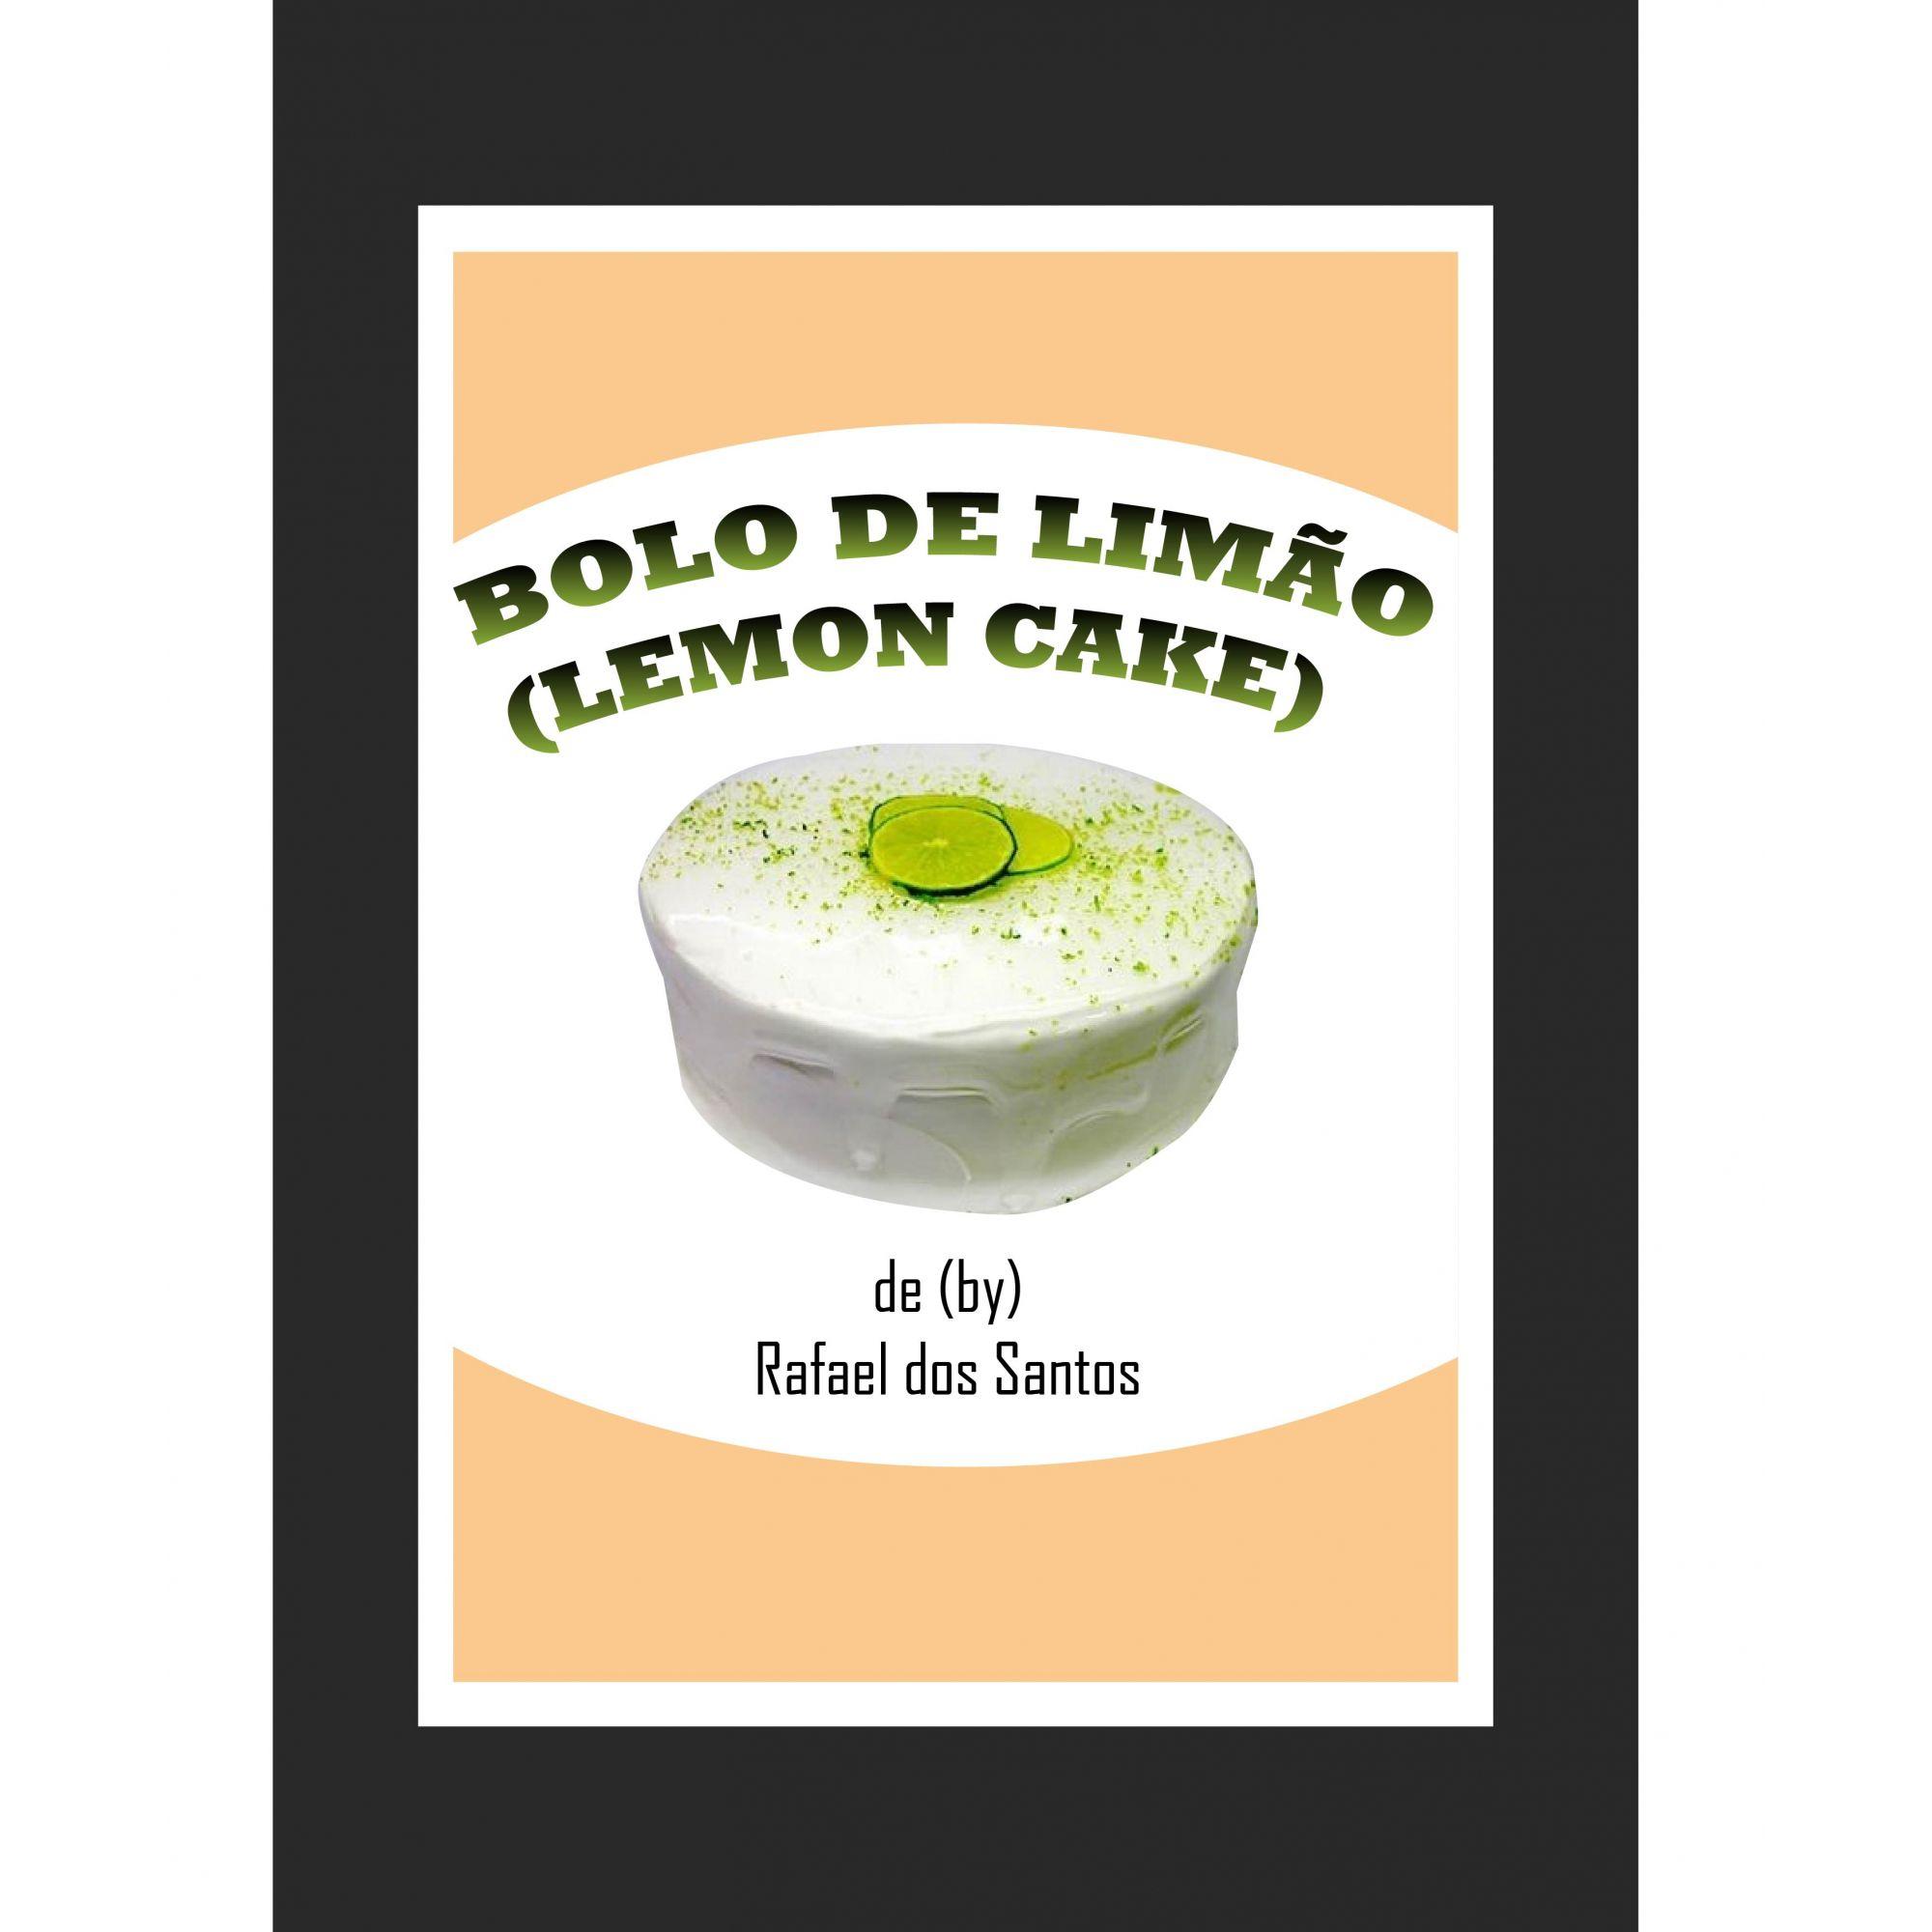 Bolo de Limao (Lemon Cake)